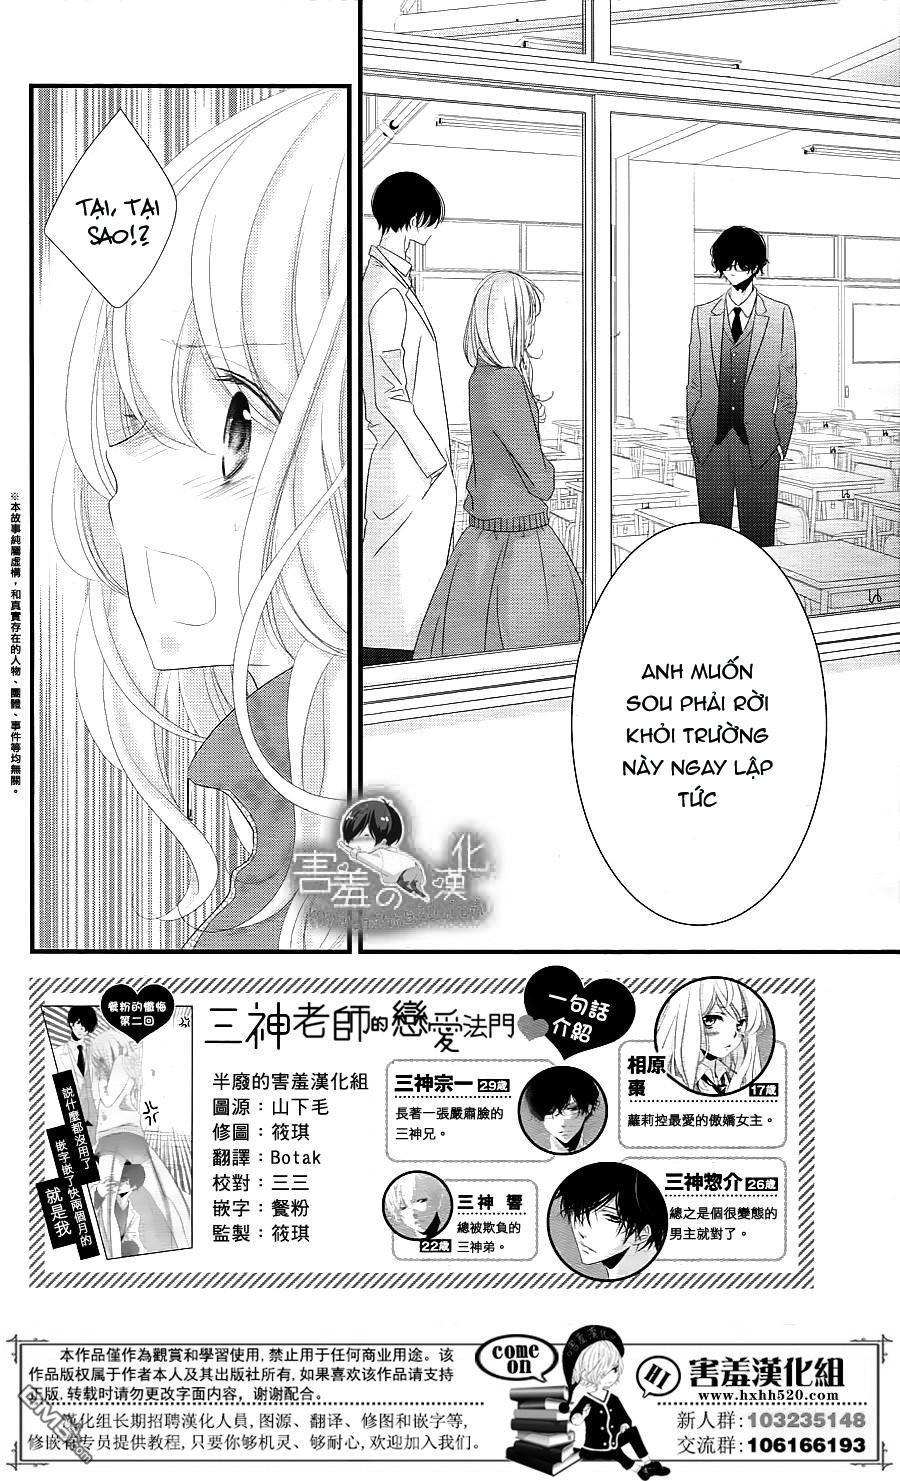 Mikami-sensei no Aishikata: Chapter 14